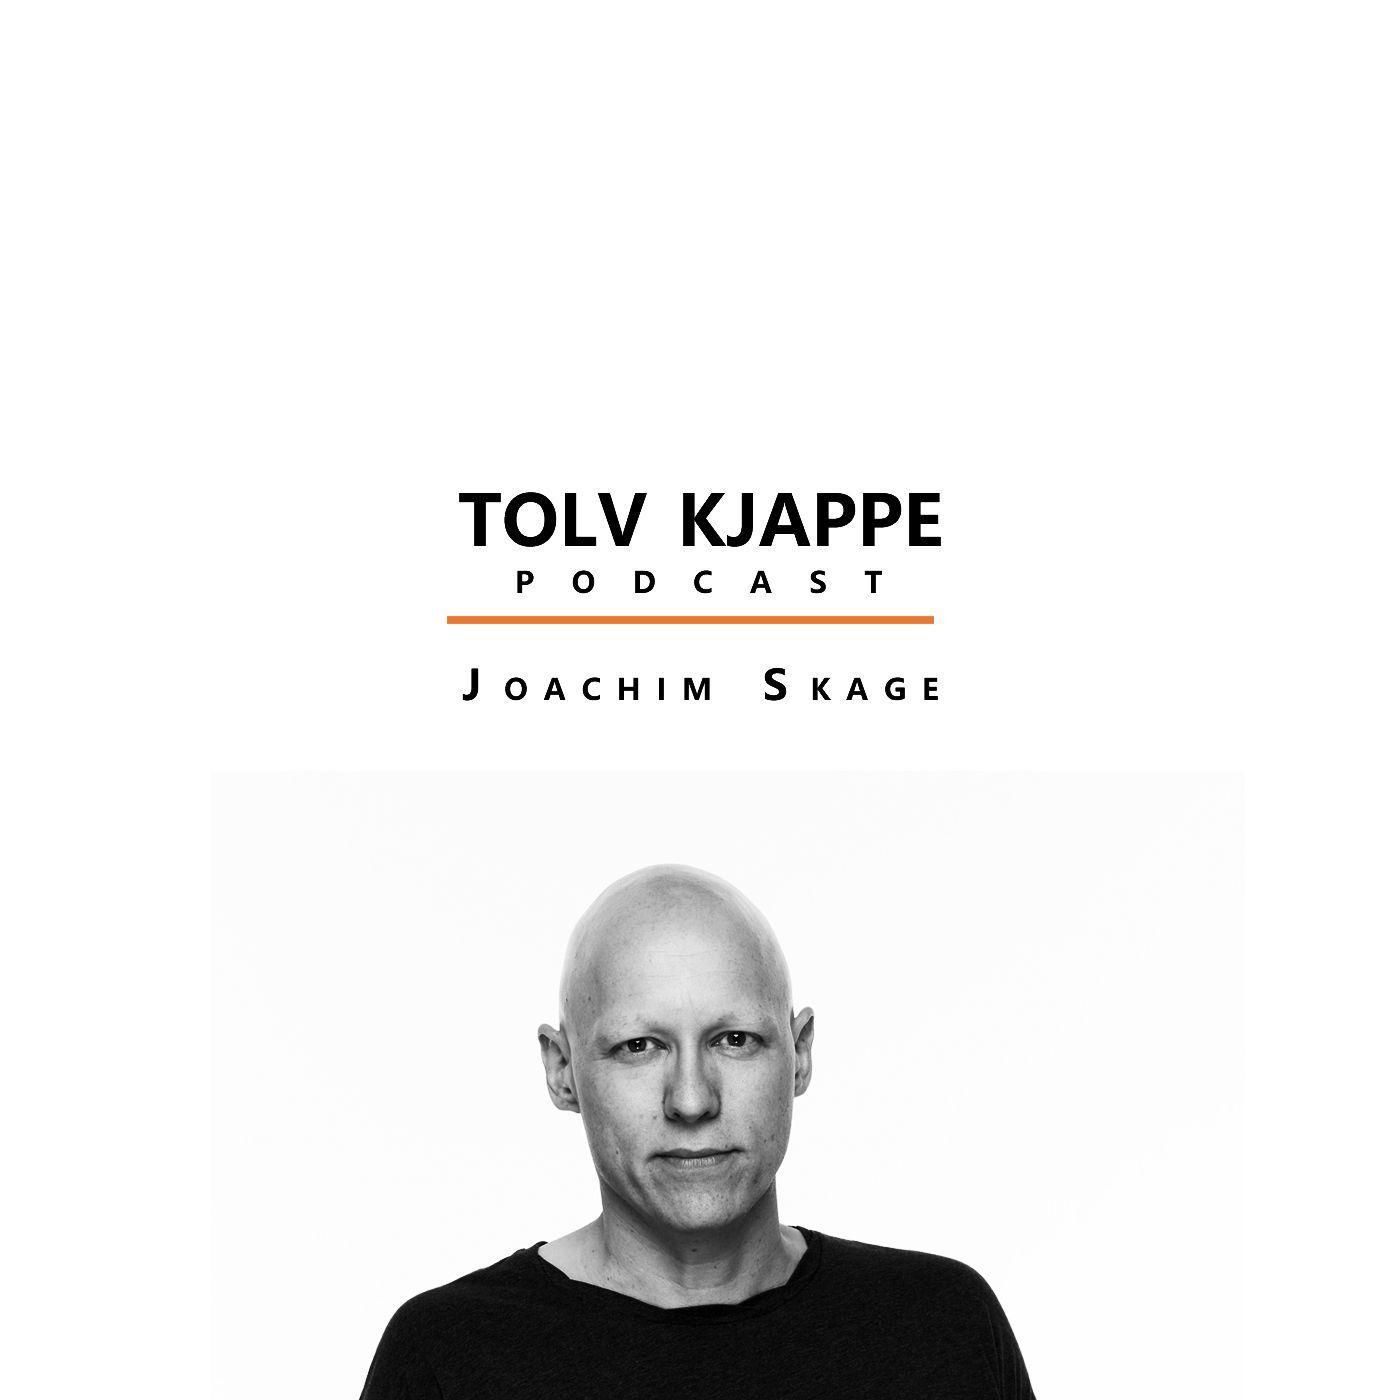 Tolv Kjappe Podcast